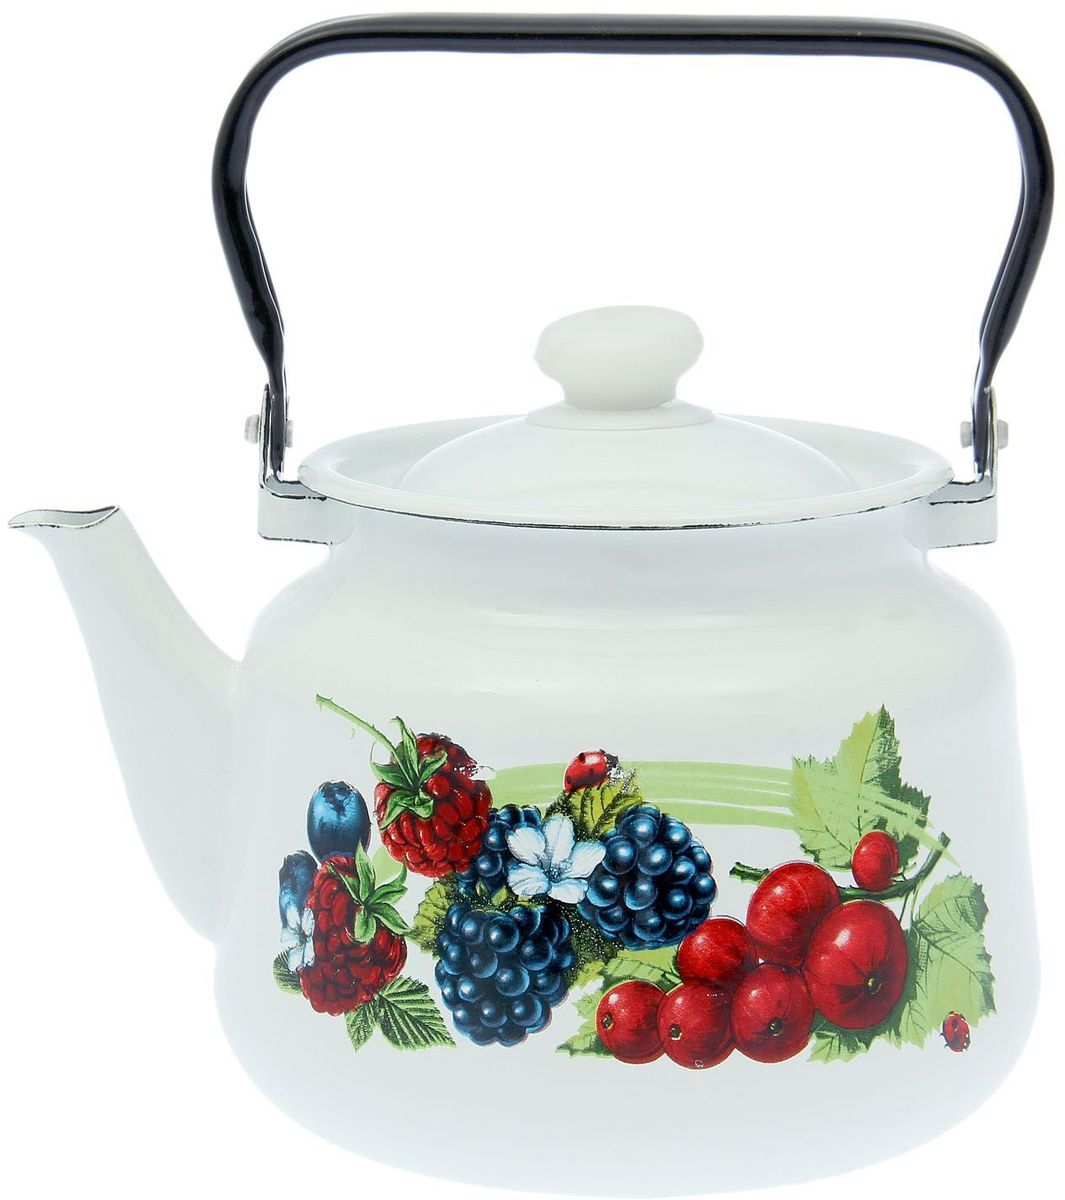 Чайник эмалированный Epos Смузи, 3,5 л115510Чайник Epos Смузи выполнен из высококачественной стали с эмалированным покрытием. Поверхность чайникагладкая, что облегчает уход за ним. Большой объемпозволит приготовить напиток для всей семьи илинебольшой компании. Эстетичный и функциональный чайник будеторигинально смотреться в любом интерьере. Душевная атмосфера и со вкусом накрытый стол всегда будут собирать в вашем доме близких и друзей.Чайник подходит для использования на всех типах плит,включая индукционные. Объем: 3,5 л.